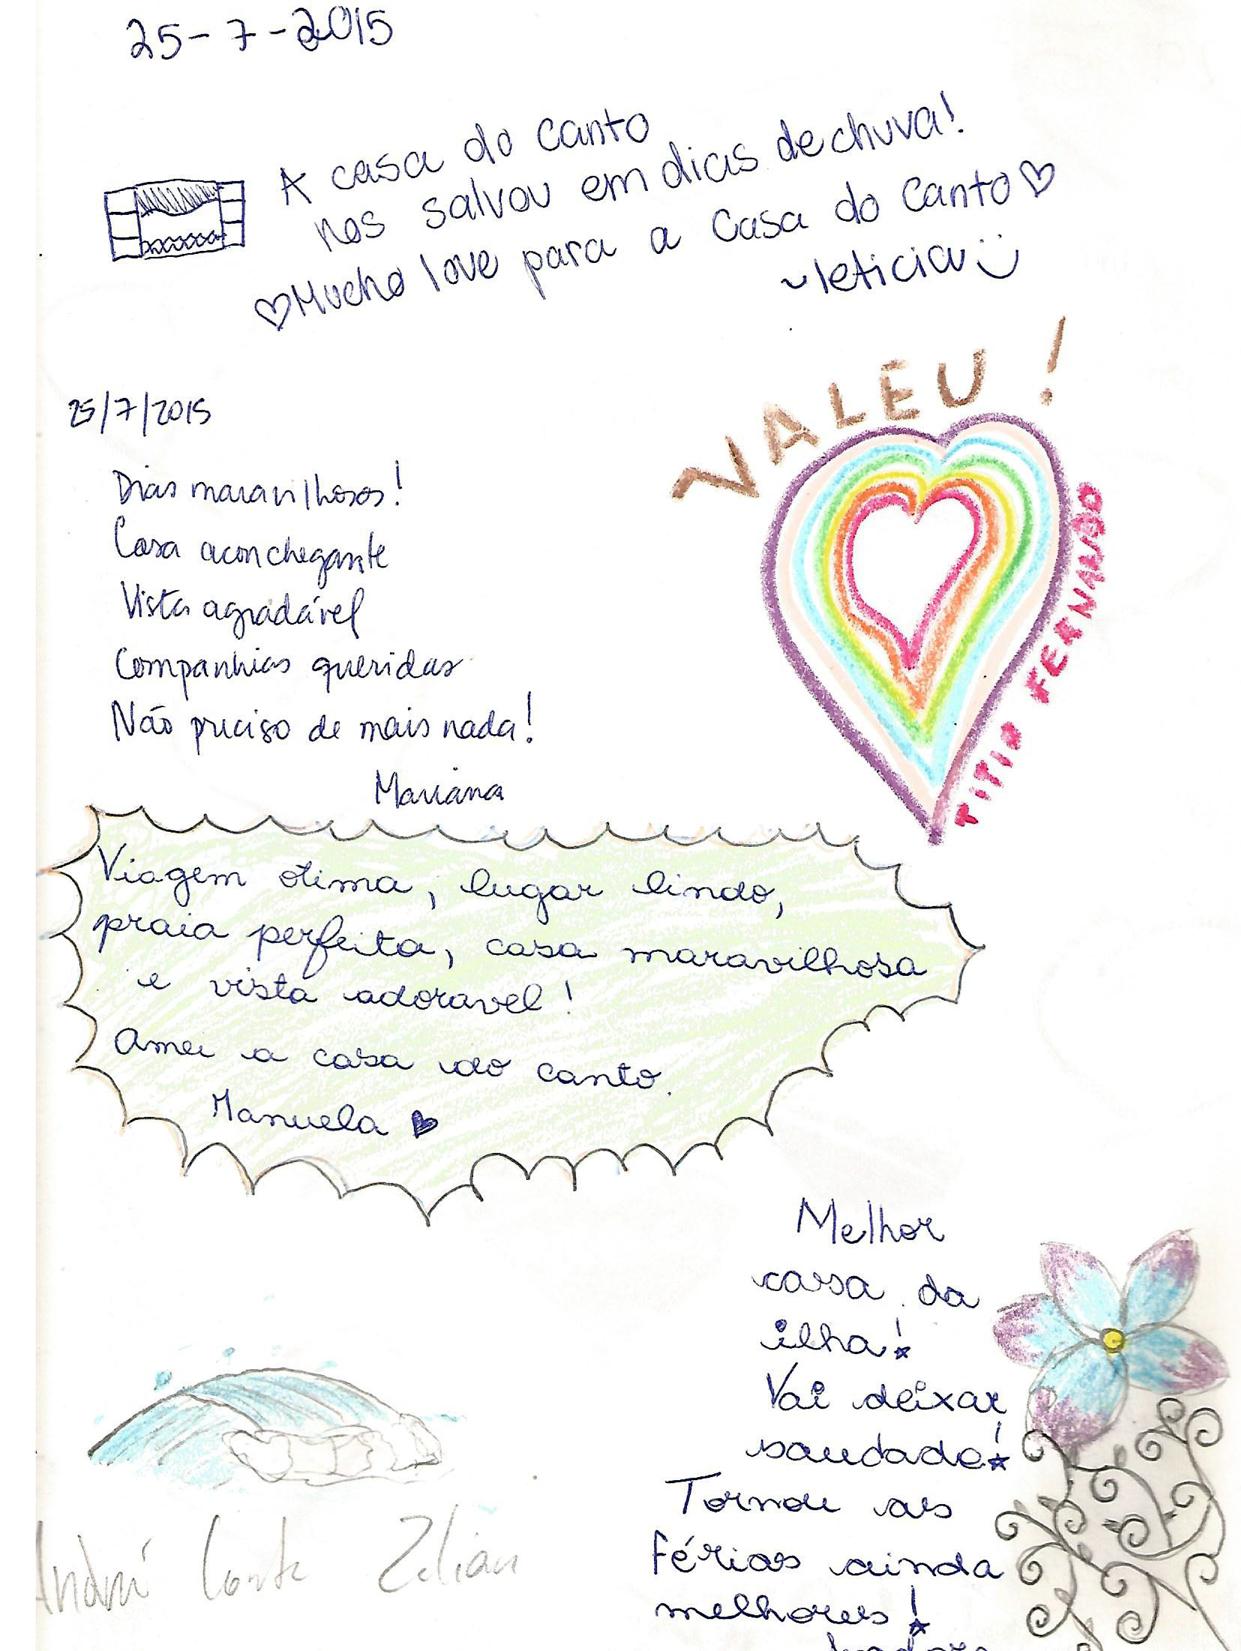 diario-casa-do-canto_10.jpg